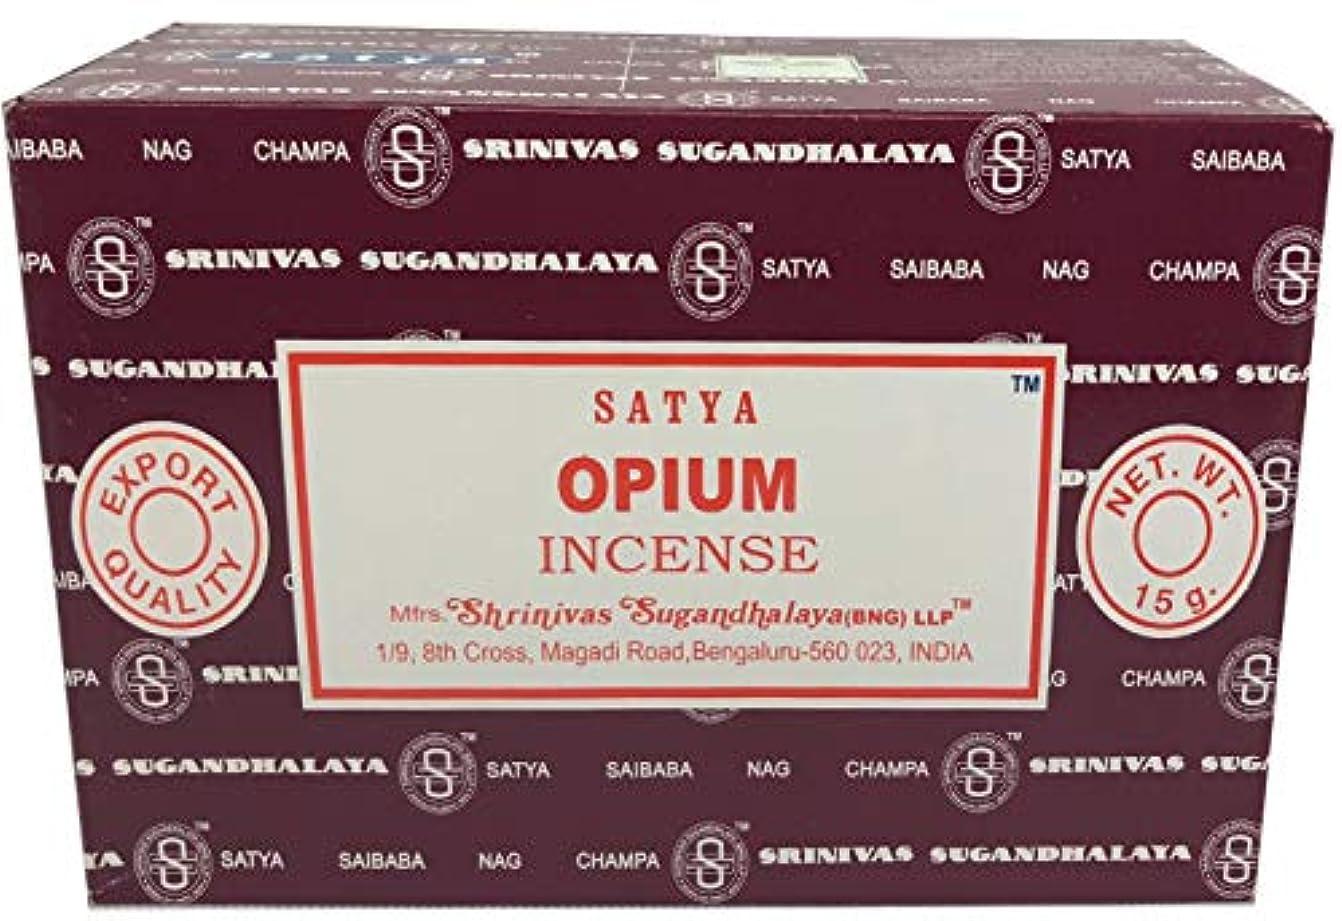 地獄出口スプレーSatya Sai Baba Nag Champa - オピウム お香スティック ボックス - 12個パック (15グラム)